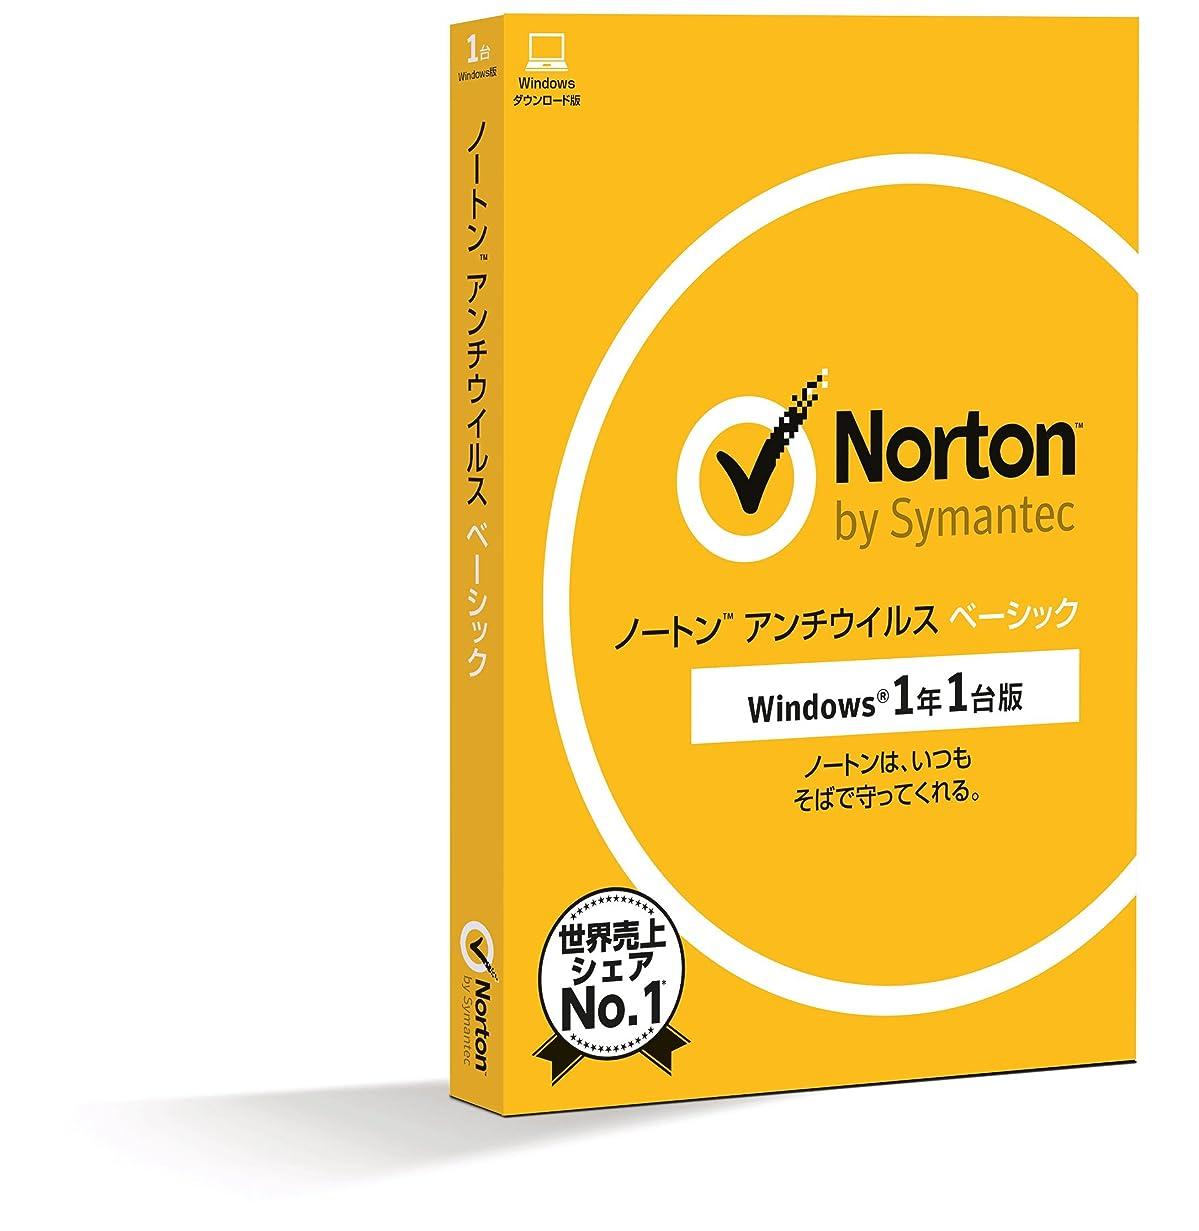 ビバクリック週間ノートン アンチウイルスベーシック(最新)|1年1台版|パッケージ版|Windows対応